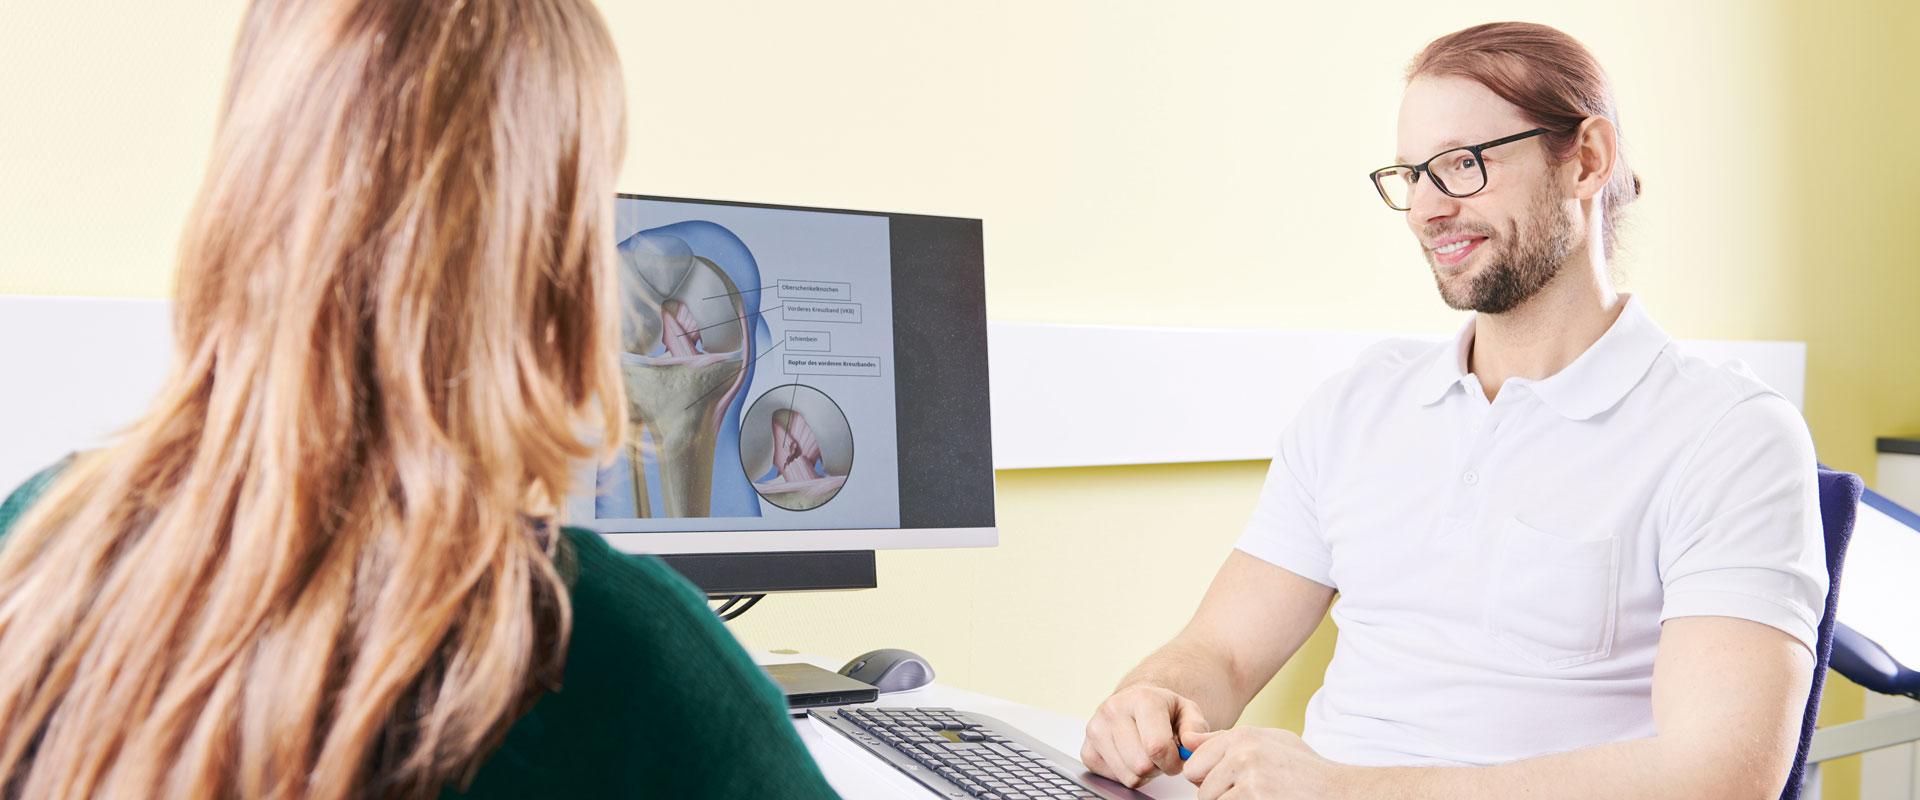 Dr. Konrad Kowalski im Gespräch mit einer Patientin